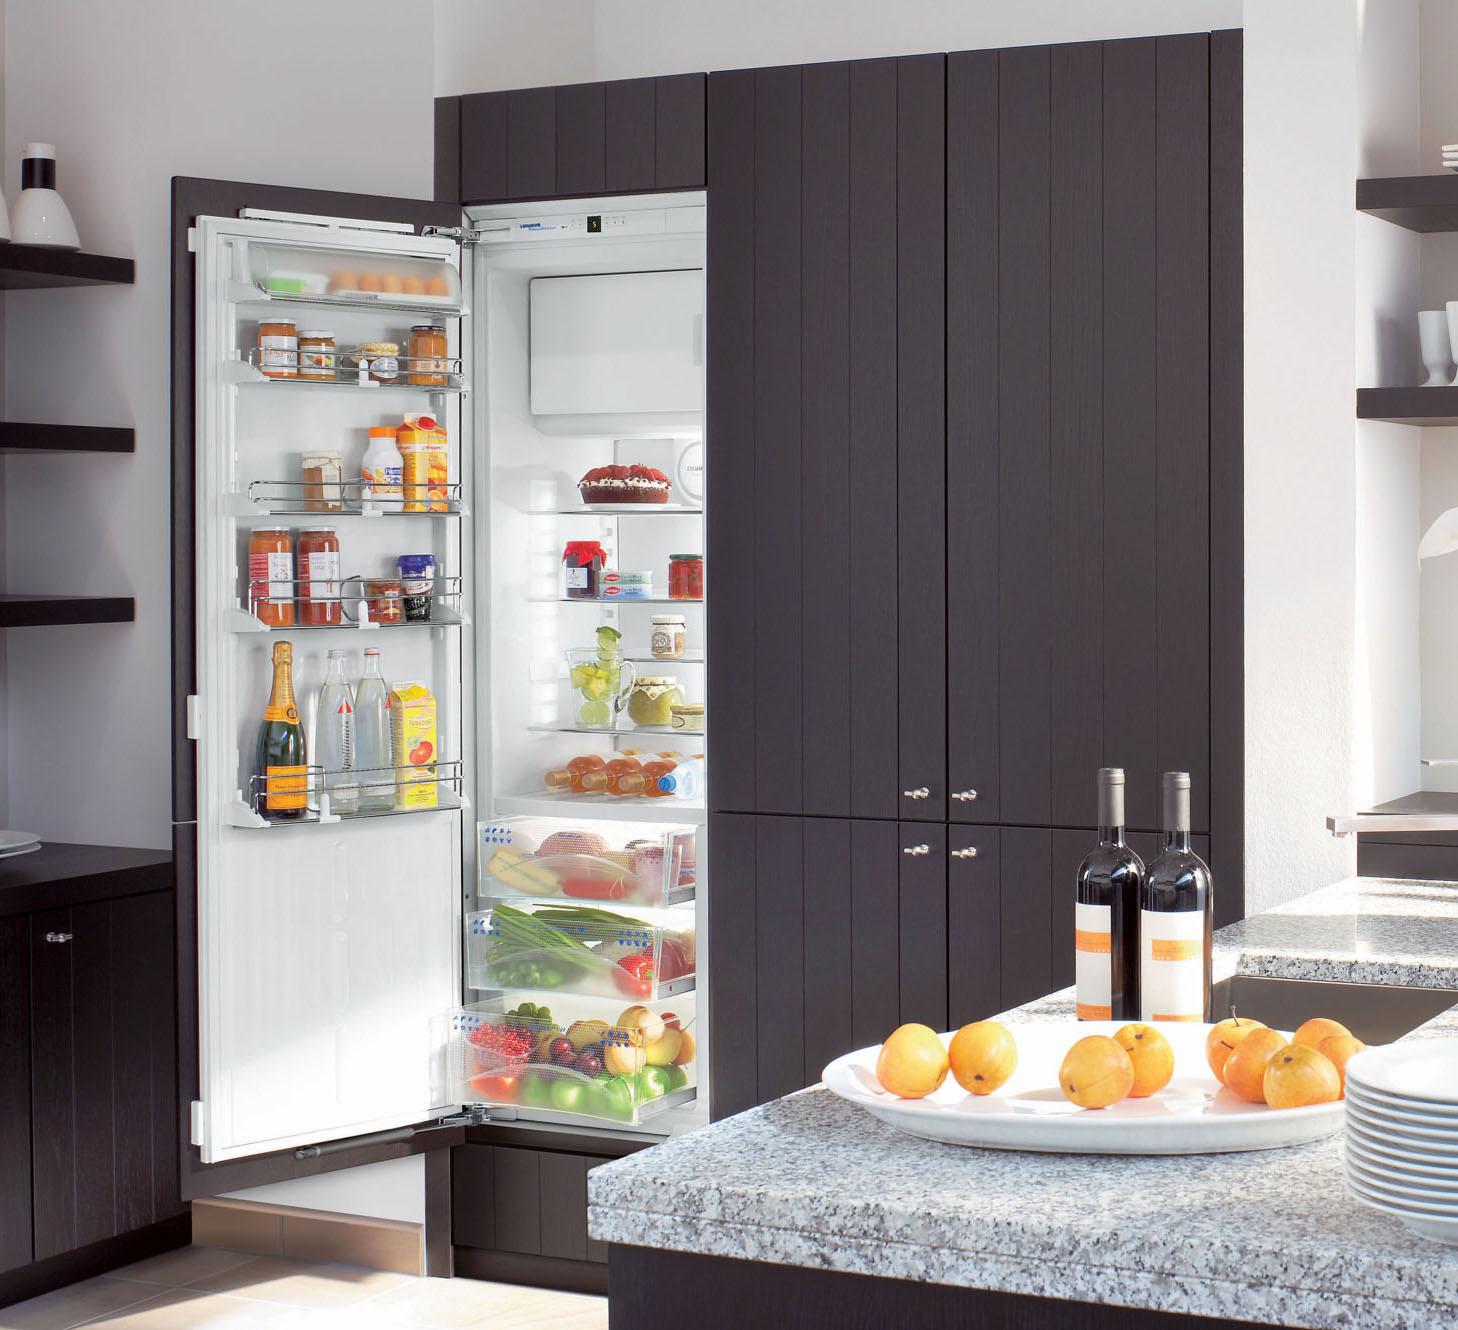 einbauk hlschrank liebherr konyhai eszk z k. Black Bedroom Furniture Sets. Home Design Ideas